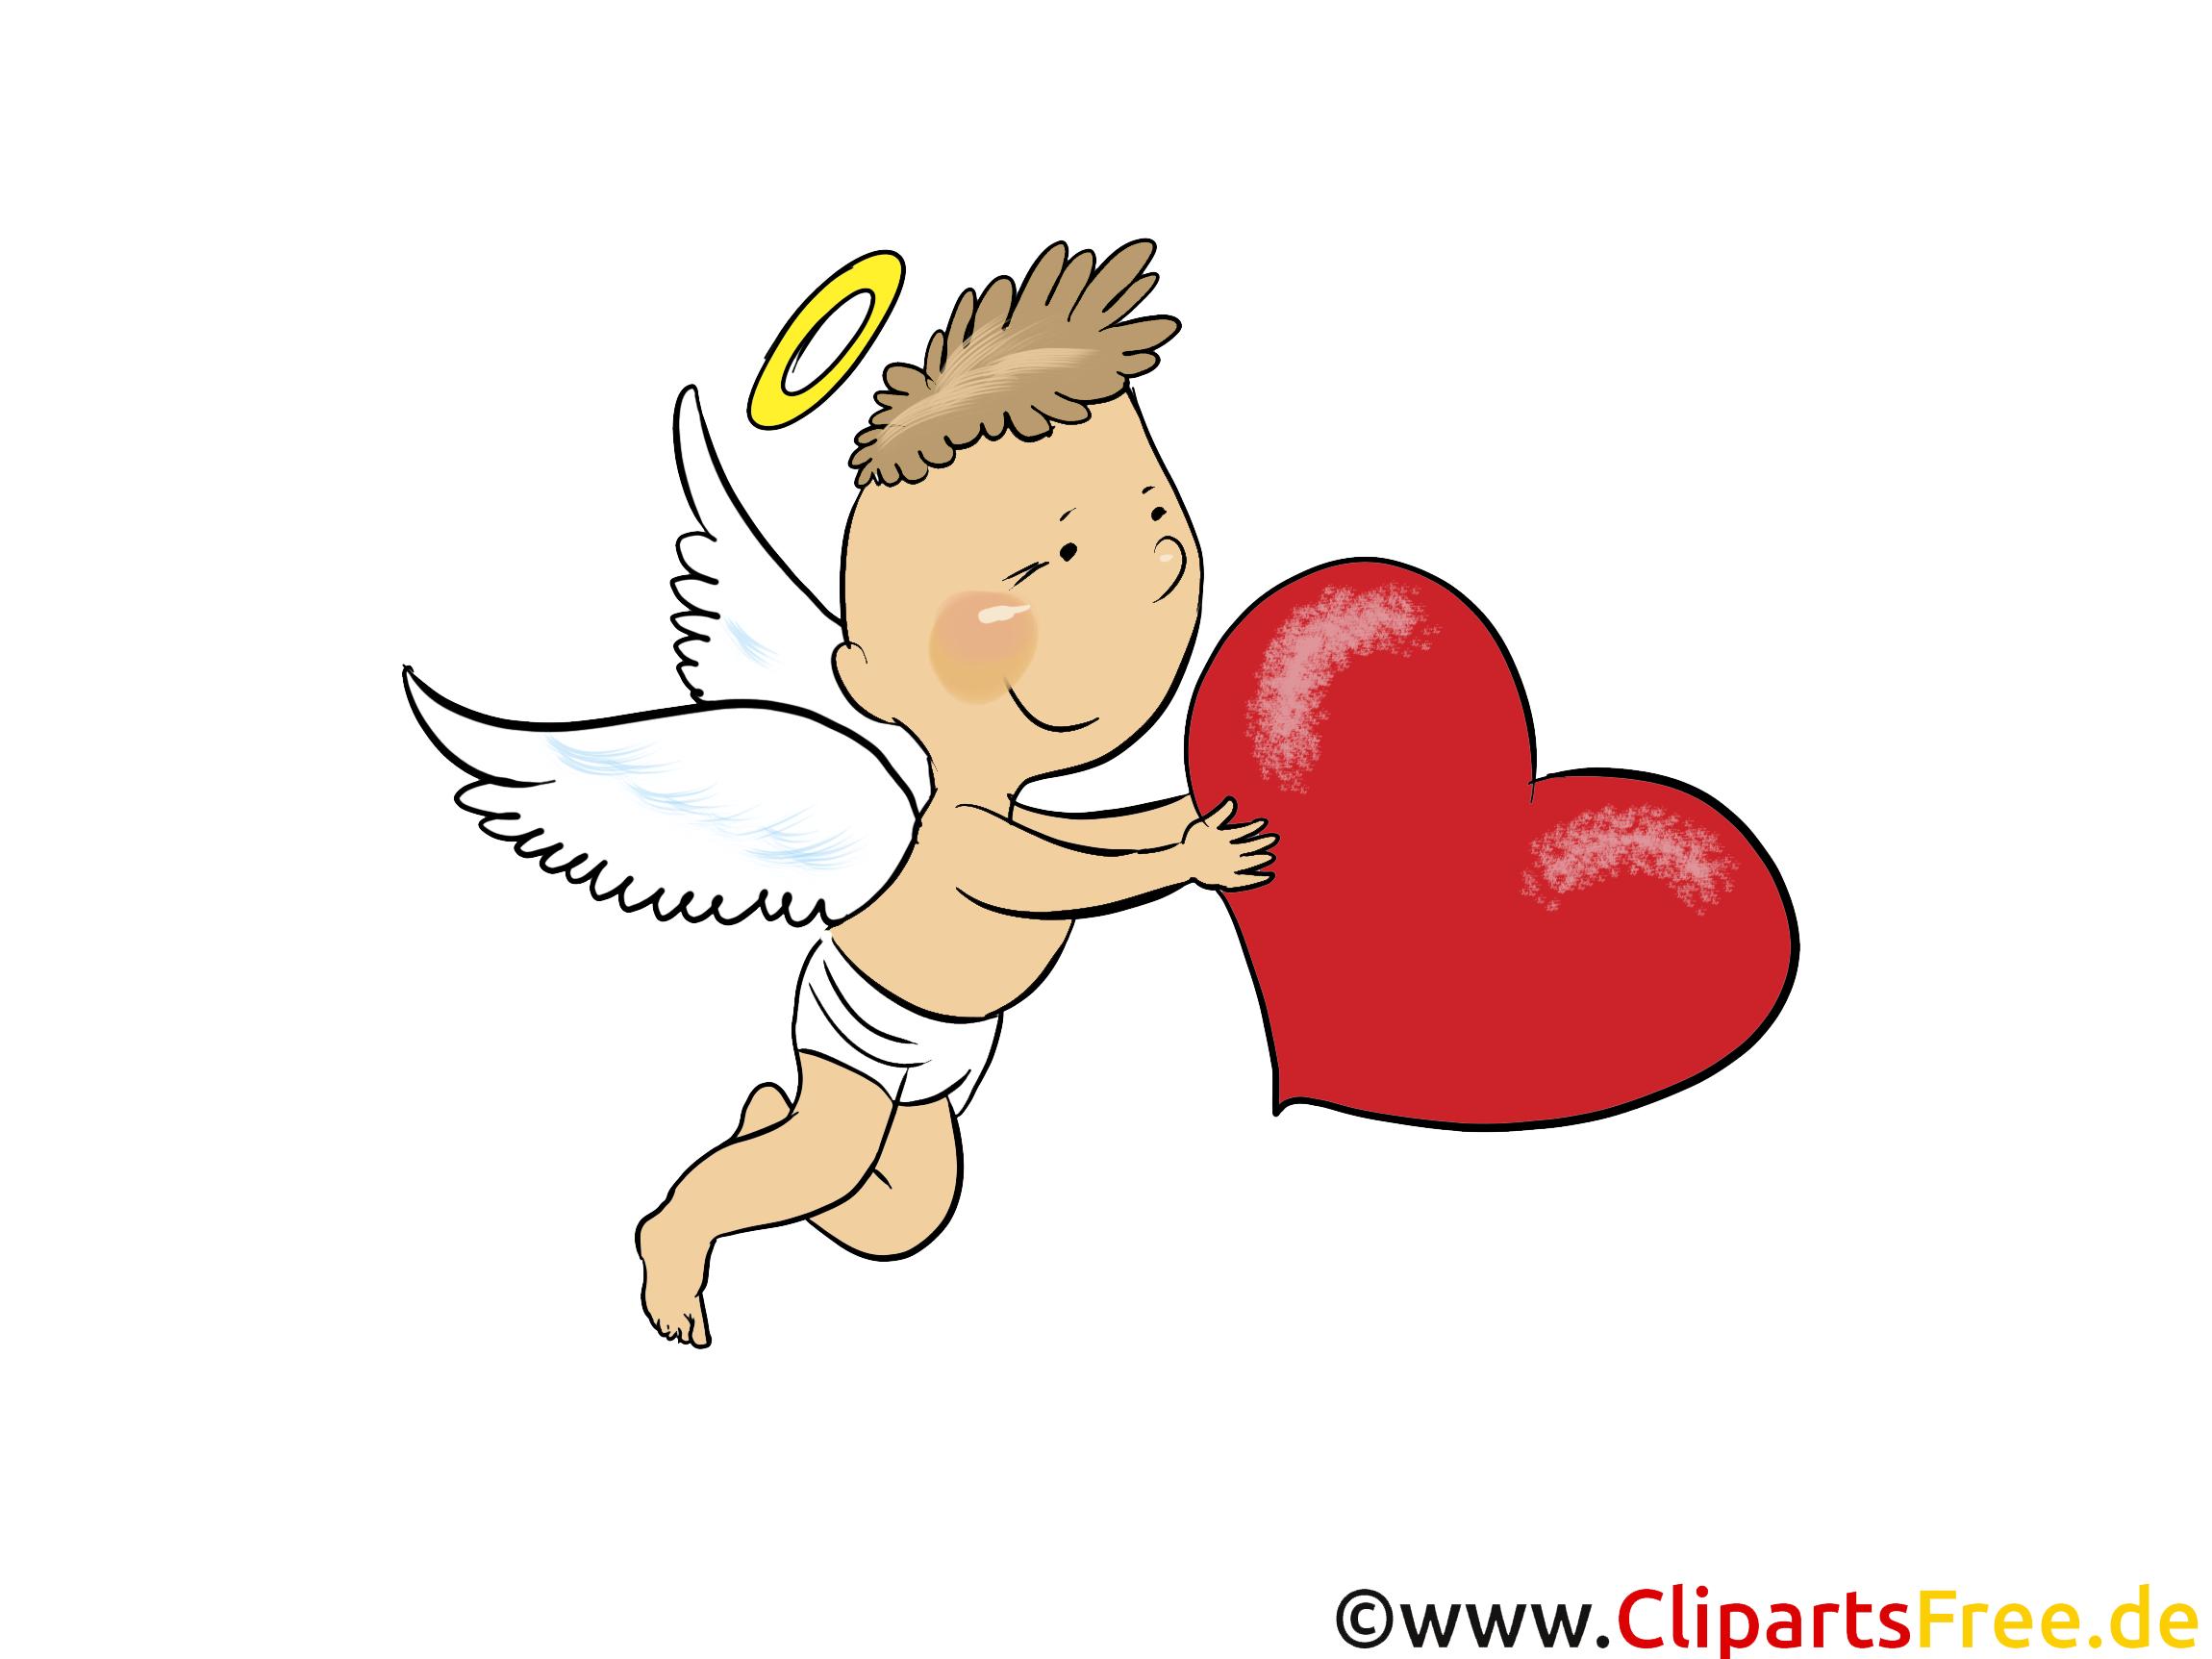 Ange clip art gratuit coeur images gratuites coeur - Images coeur gratuites ...